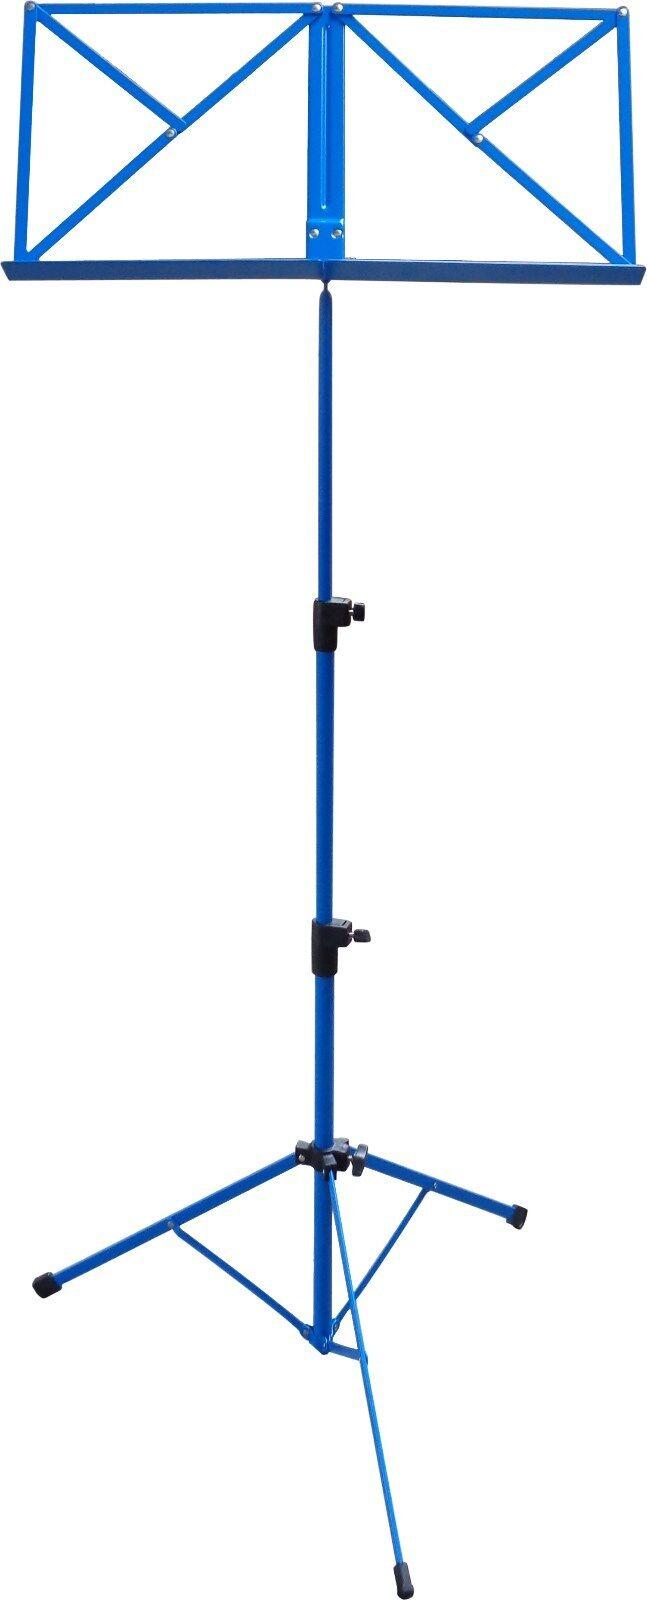 NOTENSTÄNDER - NOTENAUFLAGE + TASCHE  (blau, rot, schwarz) Höhe von 50-124cm Notenständer blau